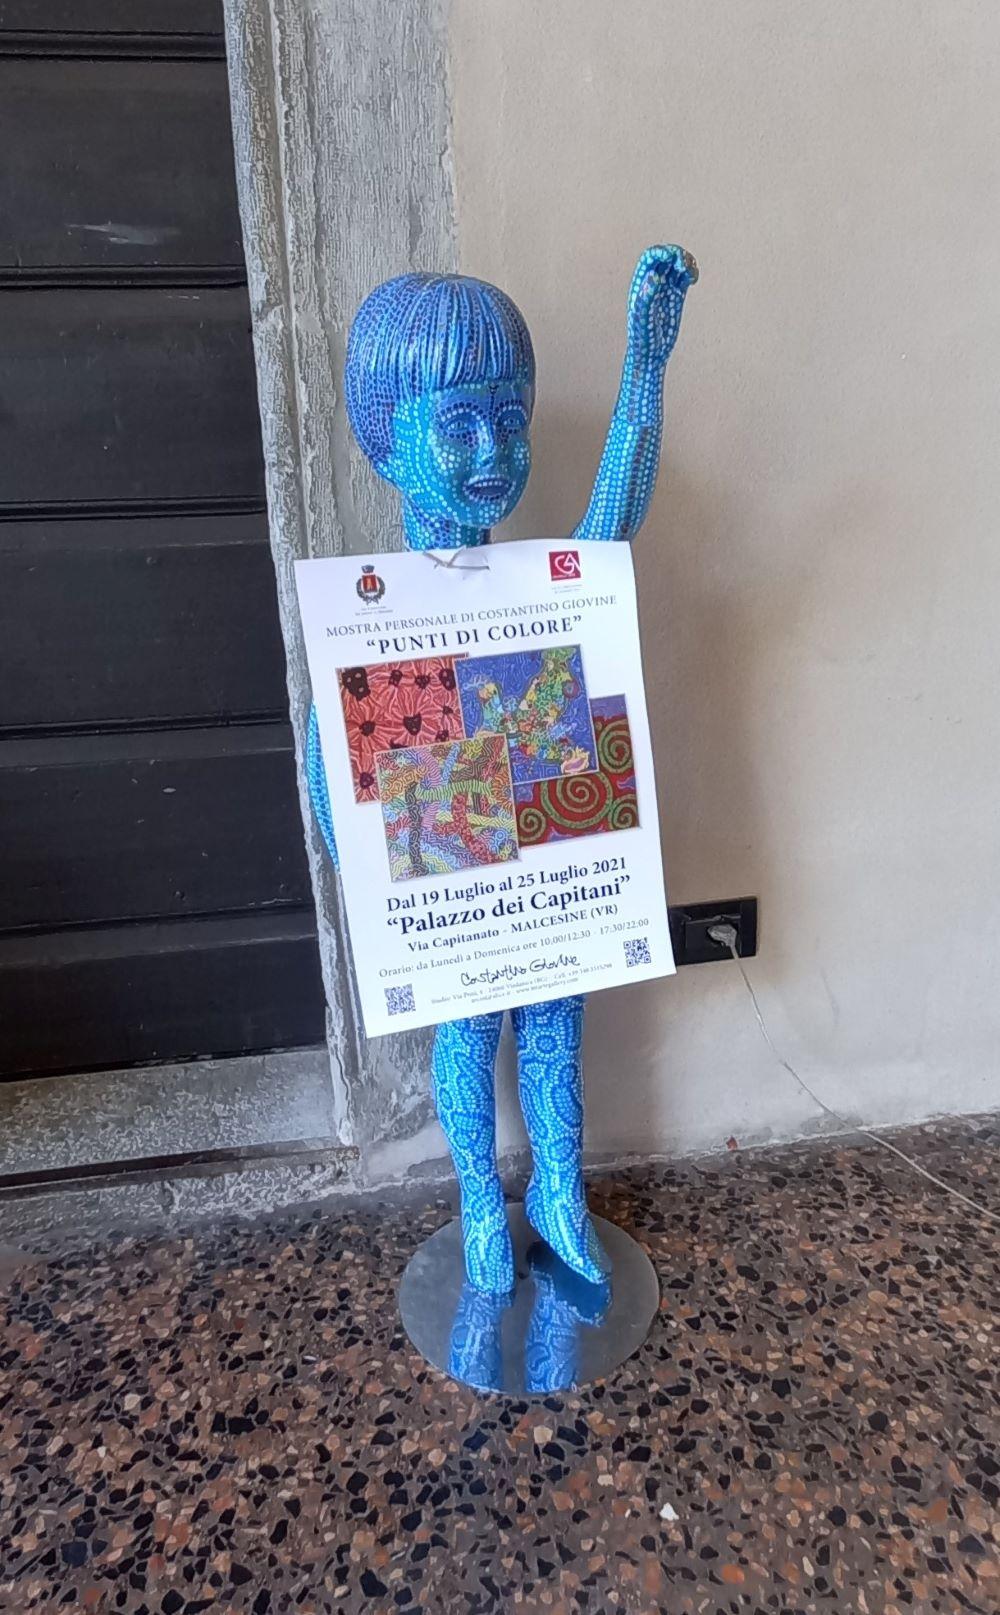 """Blaue Mosaik-Figur mit Plakat """"punti di colore"""" im Ergeschoss des Palastes"""